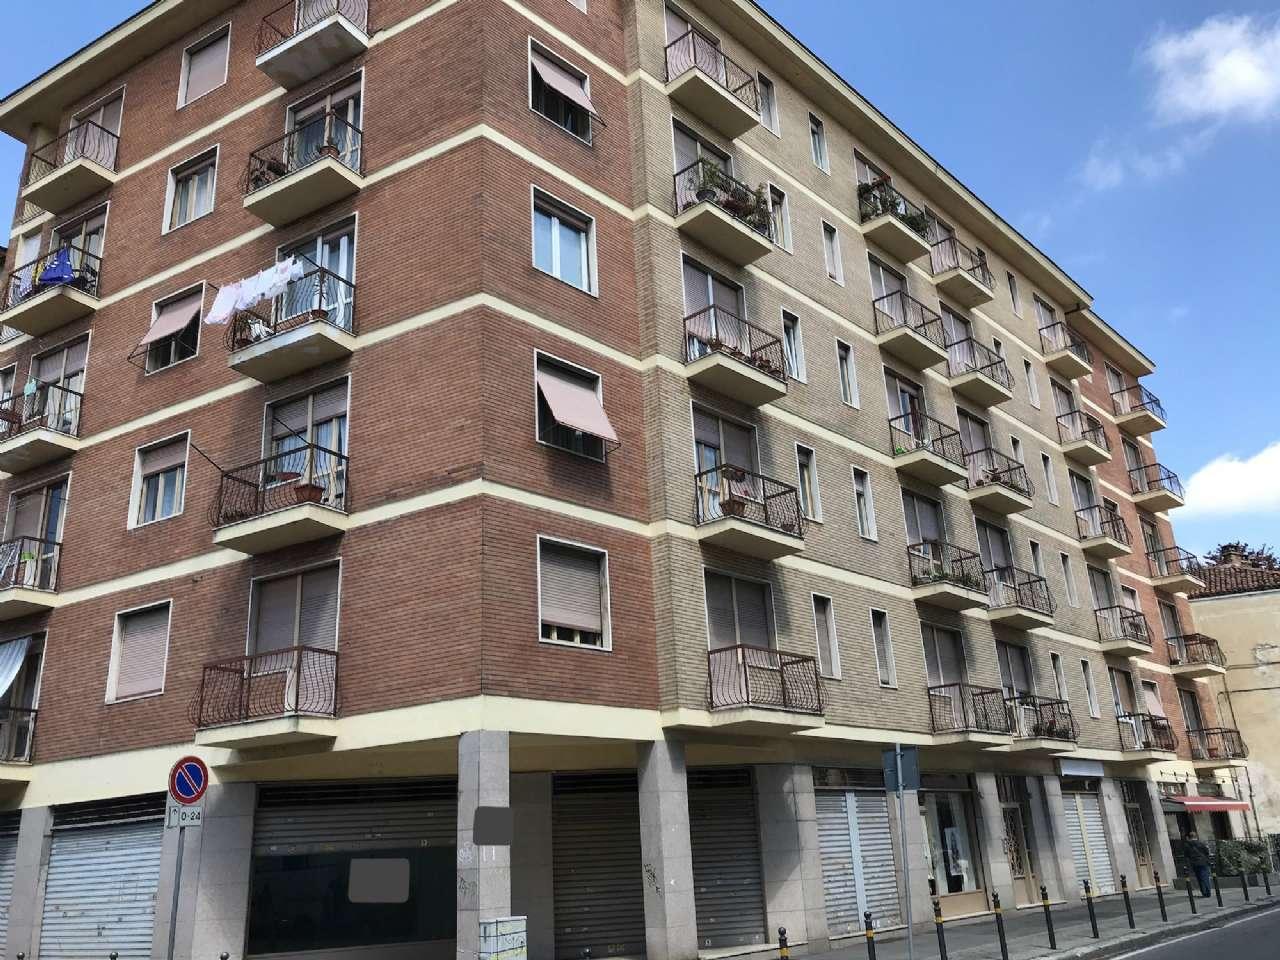 Palazzo / Stabile in vendita a Carignano, 9999 locali, prezzo € 1.300.000 | PortaleAgenzieImmobiliari.it